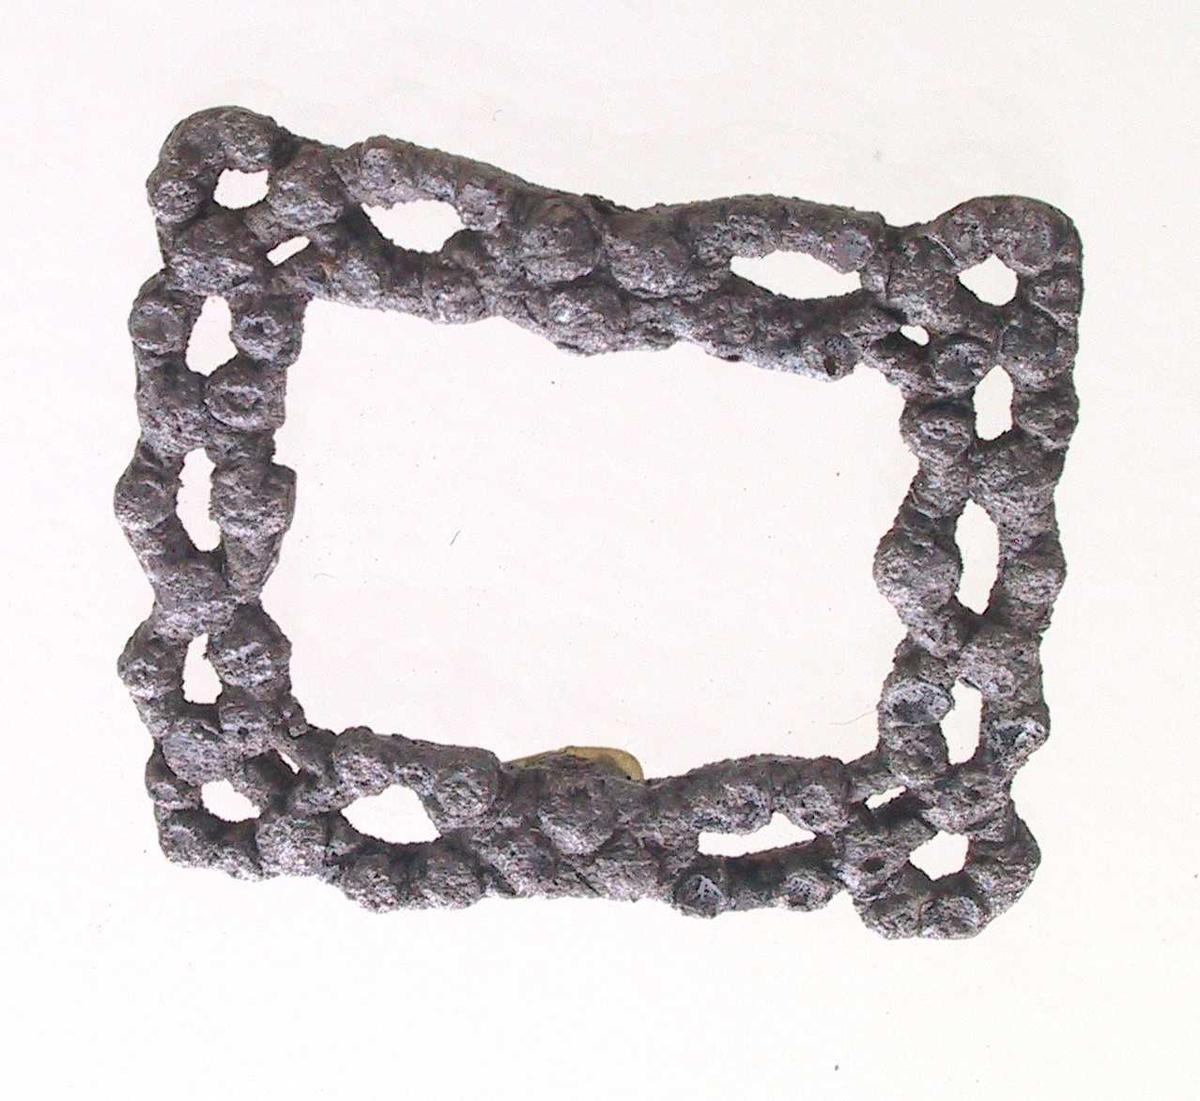 Knespenne støpt i metall, trolig bly.  Rektang. spenne i  gjennombrutt  ornamentikk: 2 slyngende  bånd  i ovaler som møtes pm. av hver langside i en  sløyfe.  Ovalen har små knapper,  som kan ha vært feste for små  bergkrystaller  eller glassperler.  Mangler hekte.